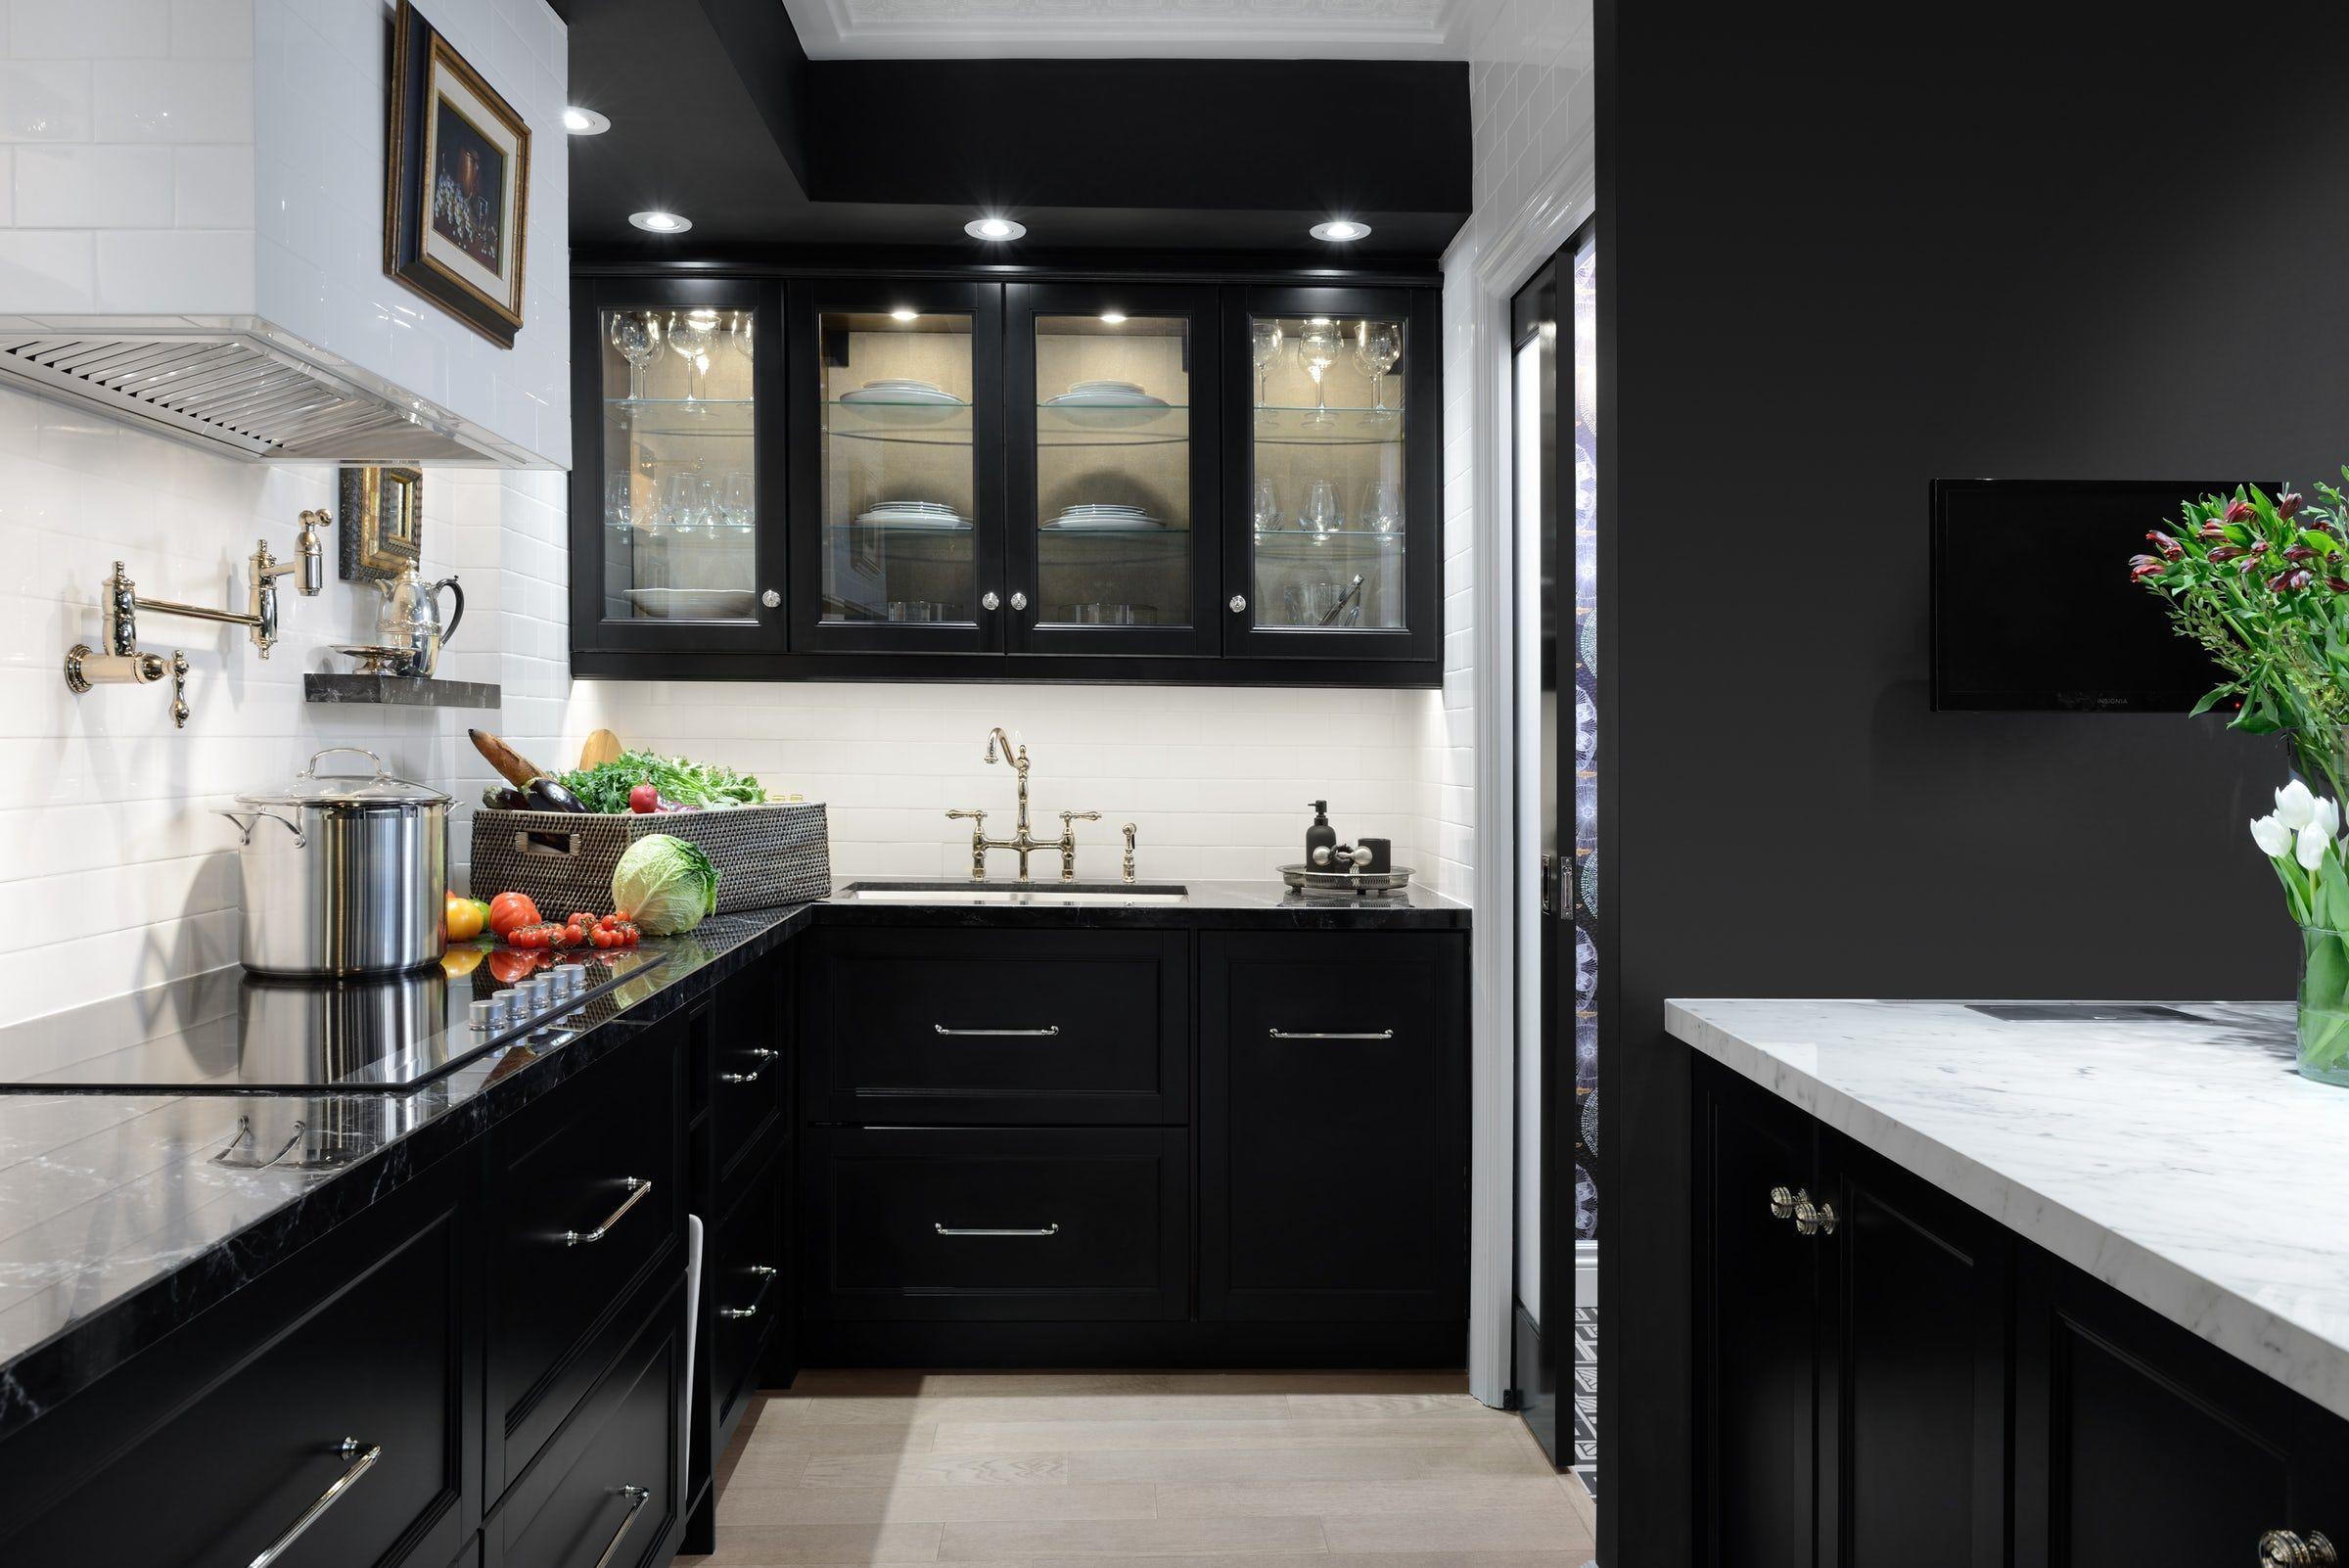 30 sophisticated black kitchen cabinets kitchen designs with black rh elledecor com black cabinets kitchen pinterest black cabinets kitchen for sale